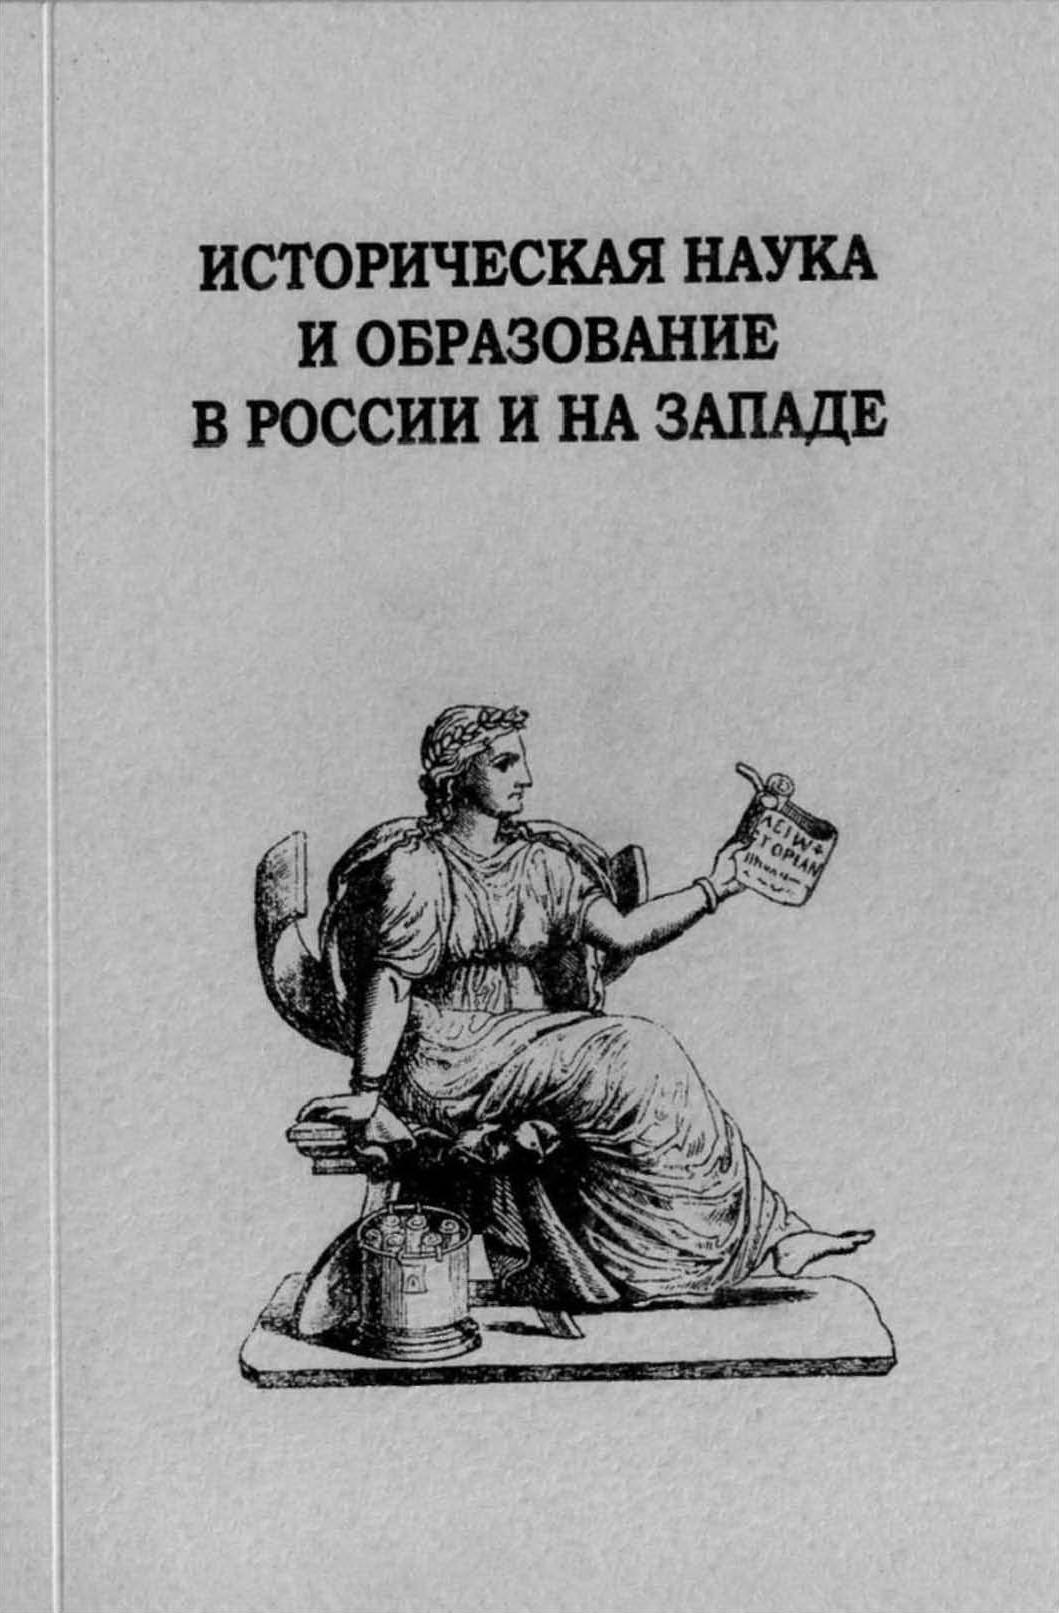 Историческая наука и образование в России и на Западе: судьбы историков и научных школ